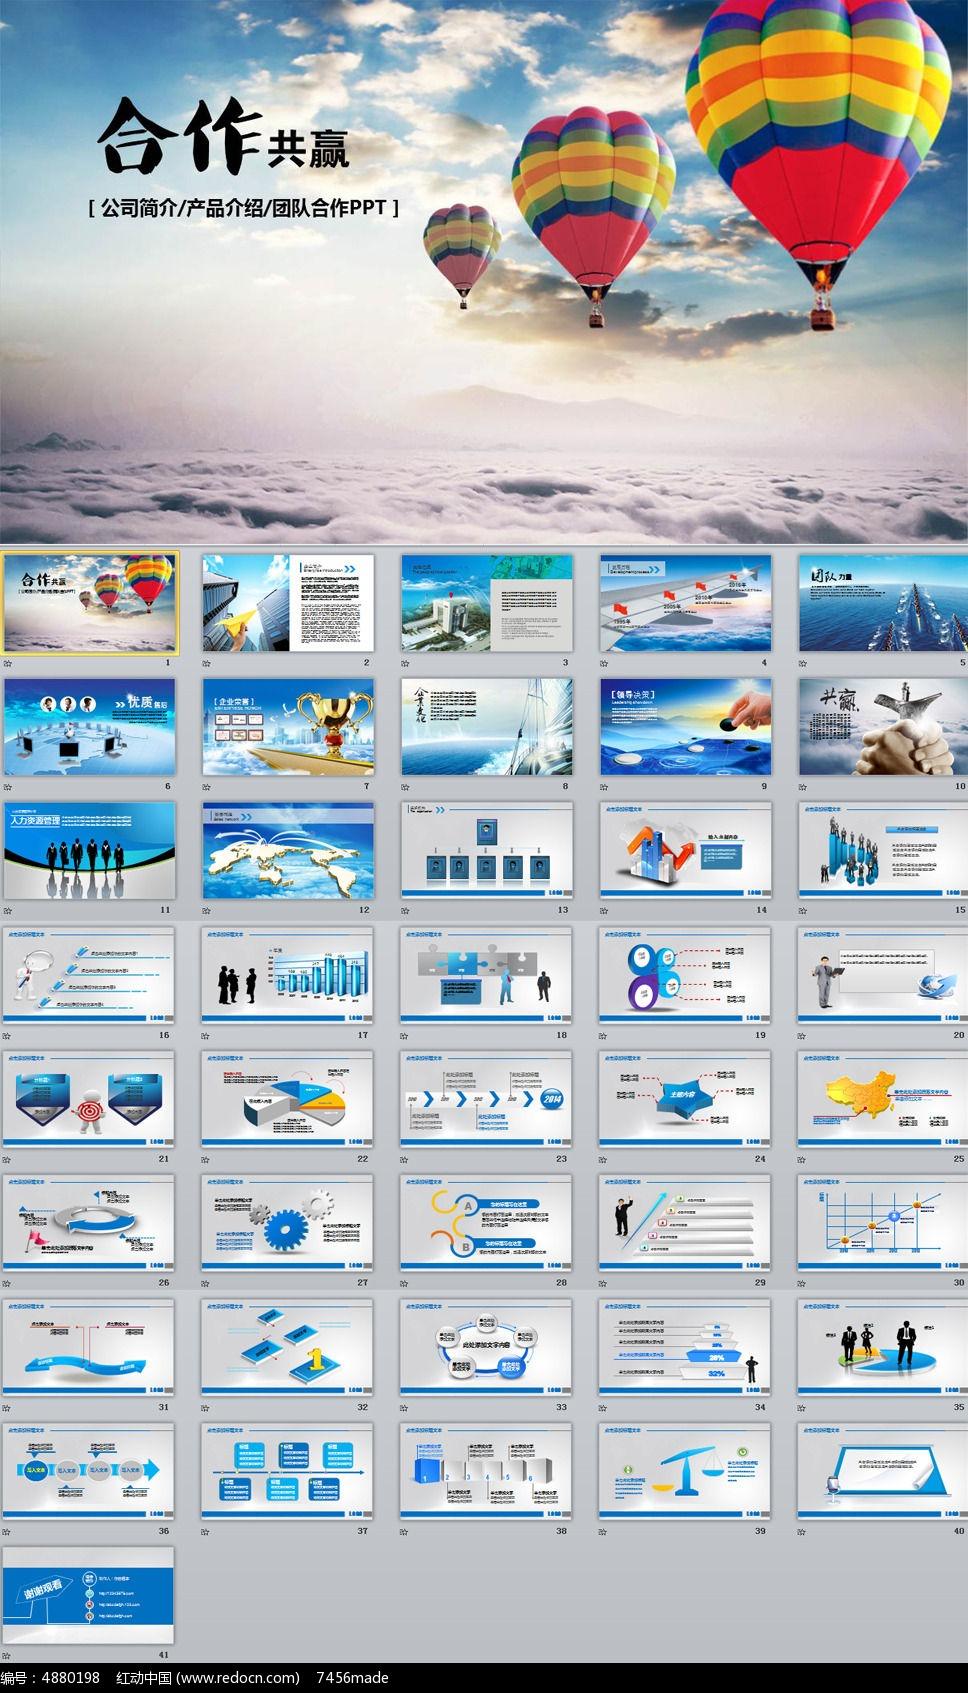 ppt模板/ppt背景图片 商务贸易ppt > 团队合作公司简介产品展示ppt